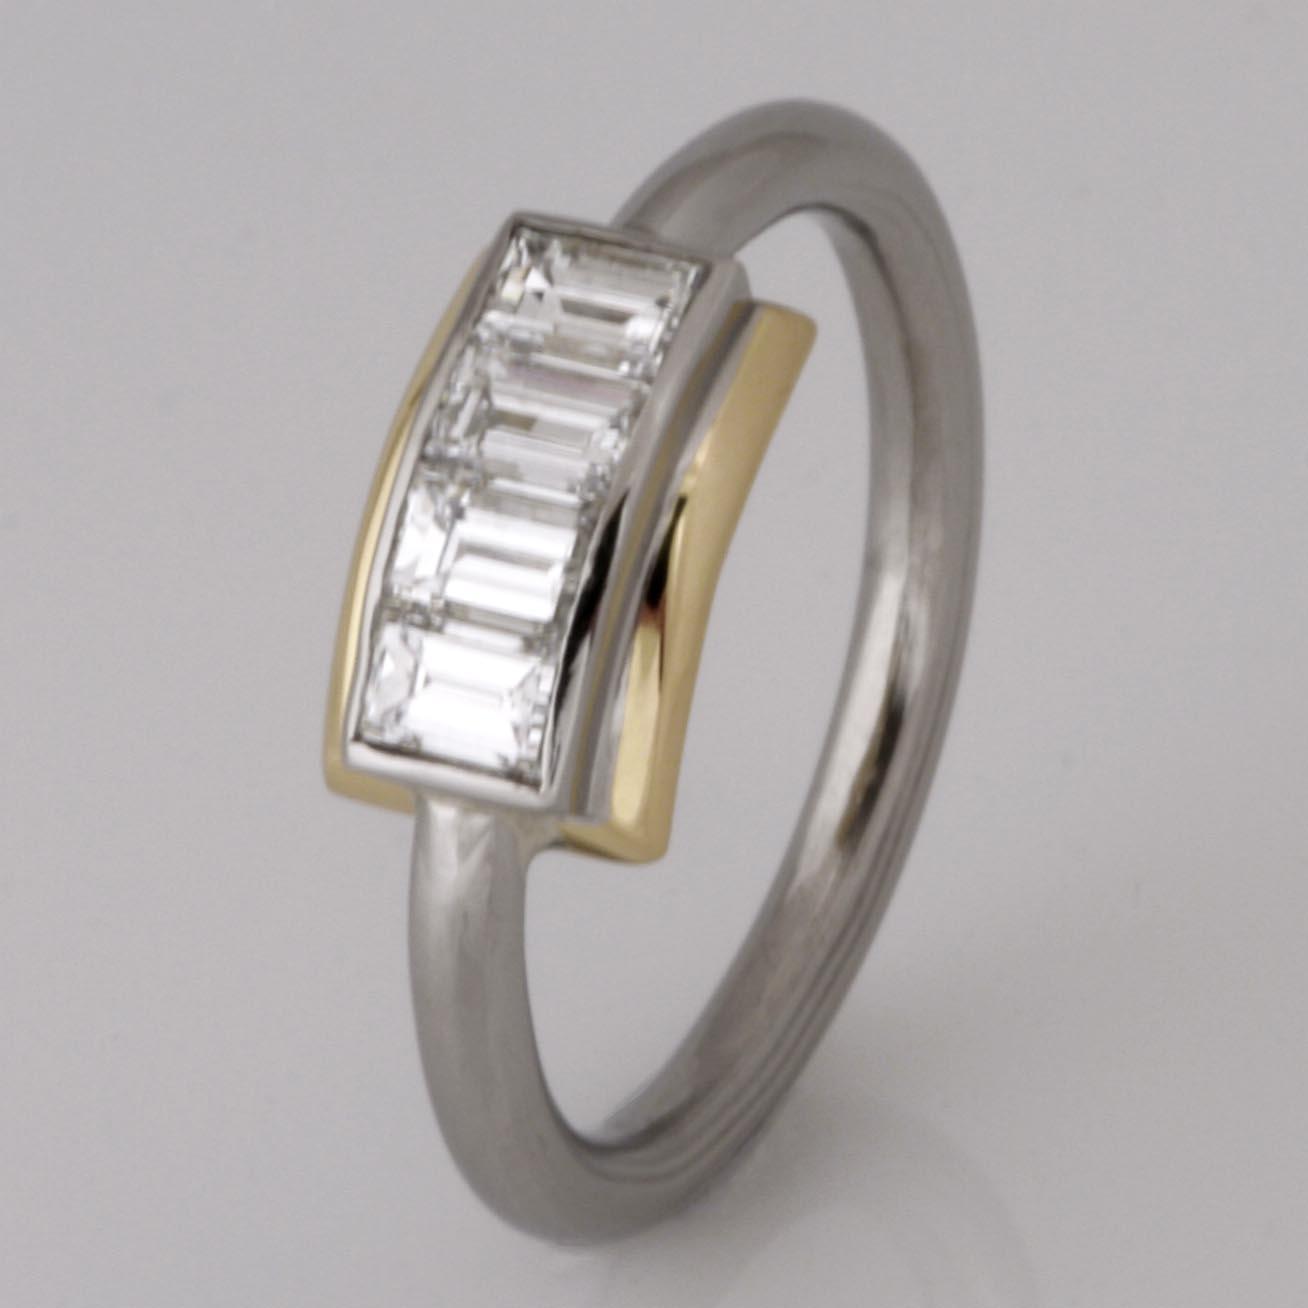 Handmade 18ct yellow gold and palladium diamond engagement ring